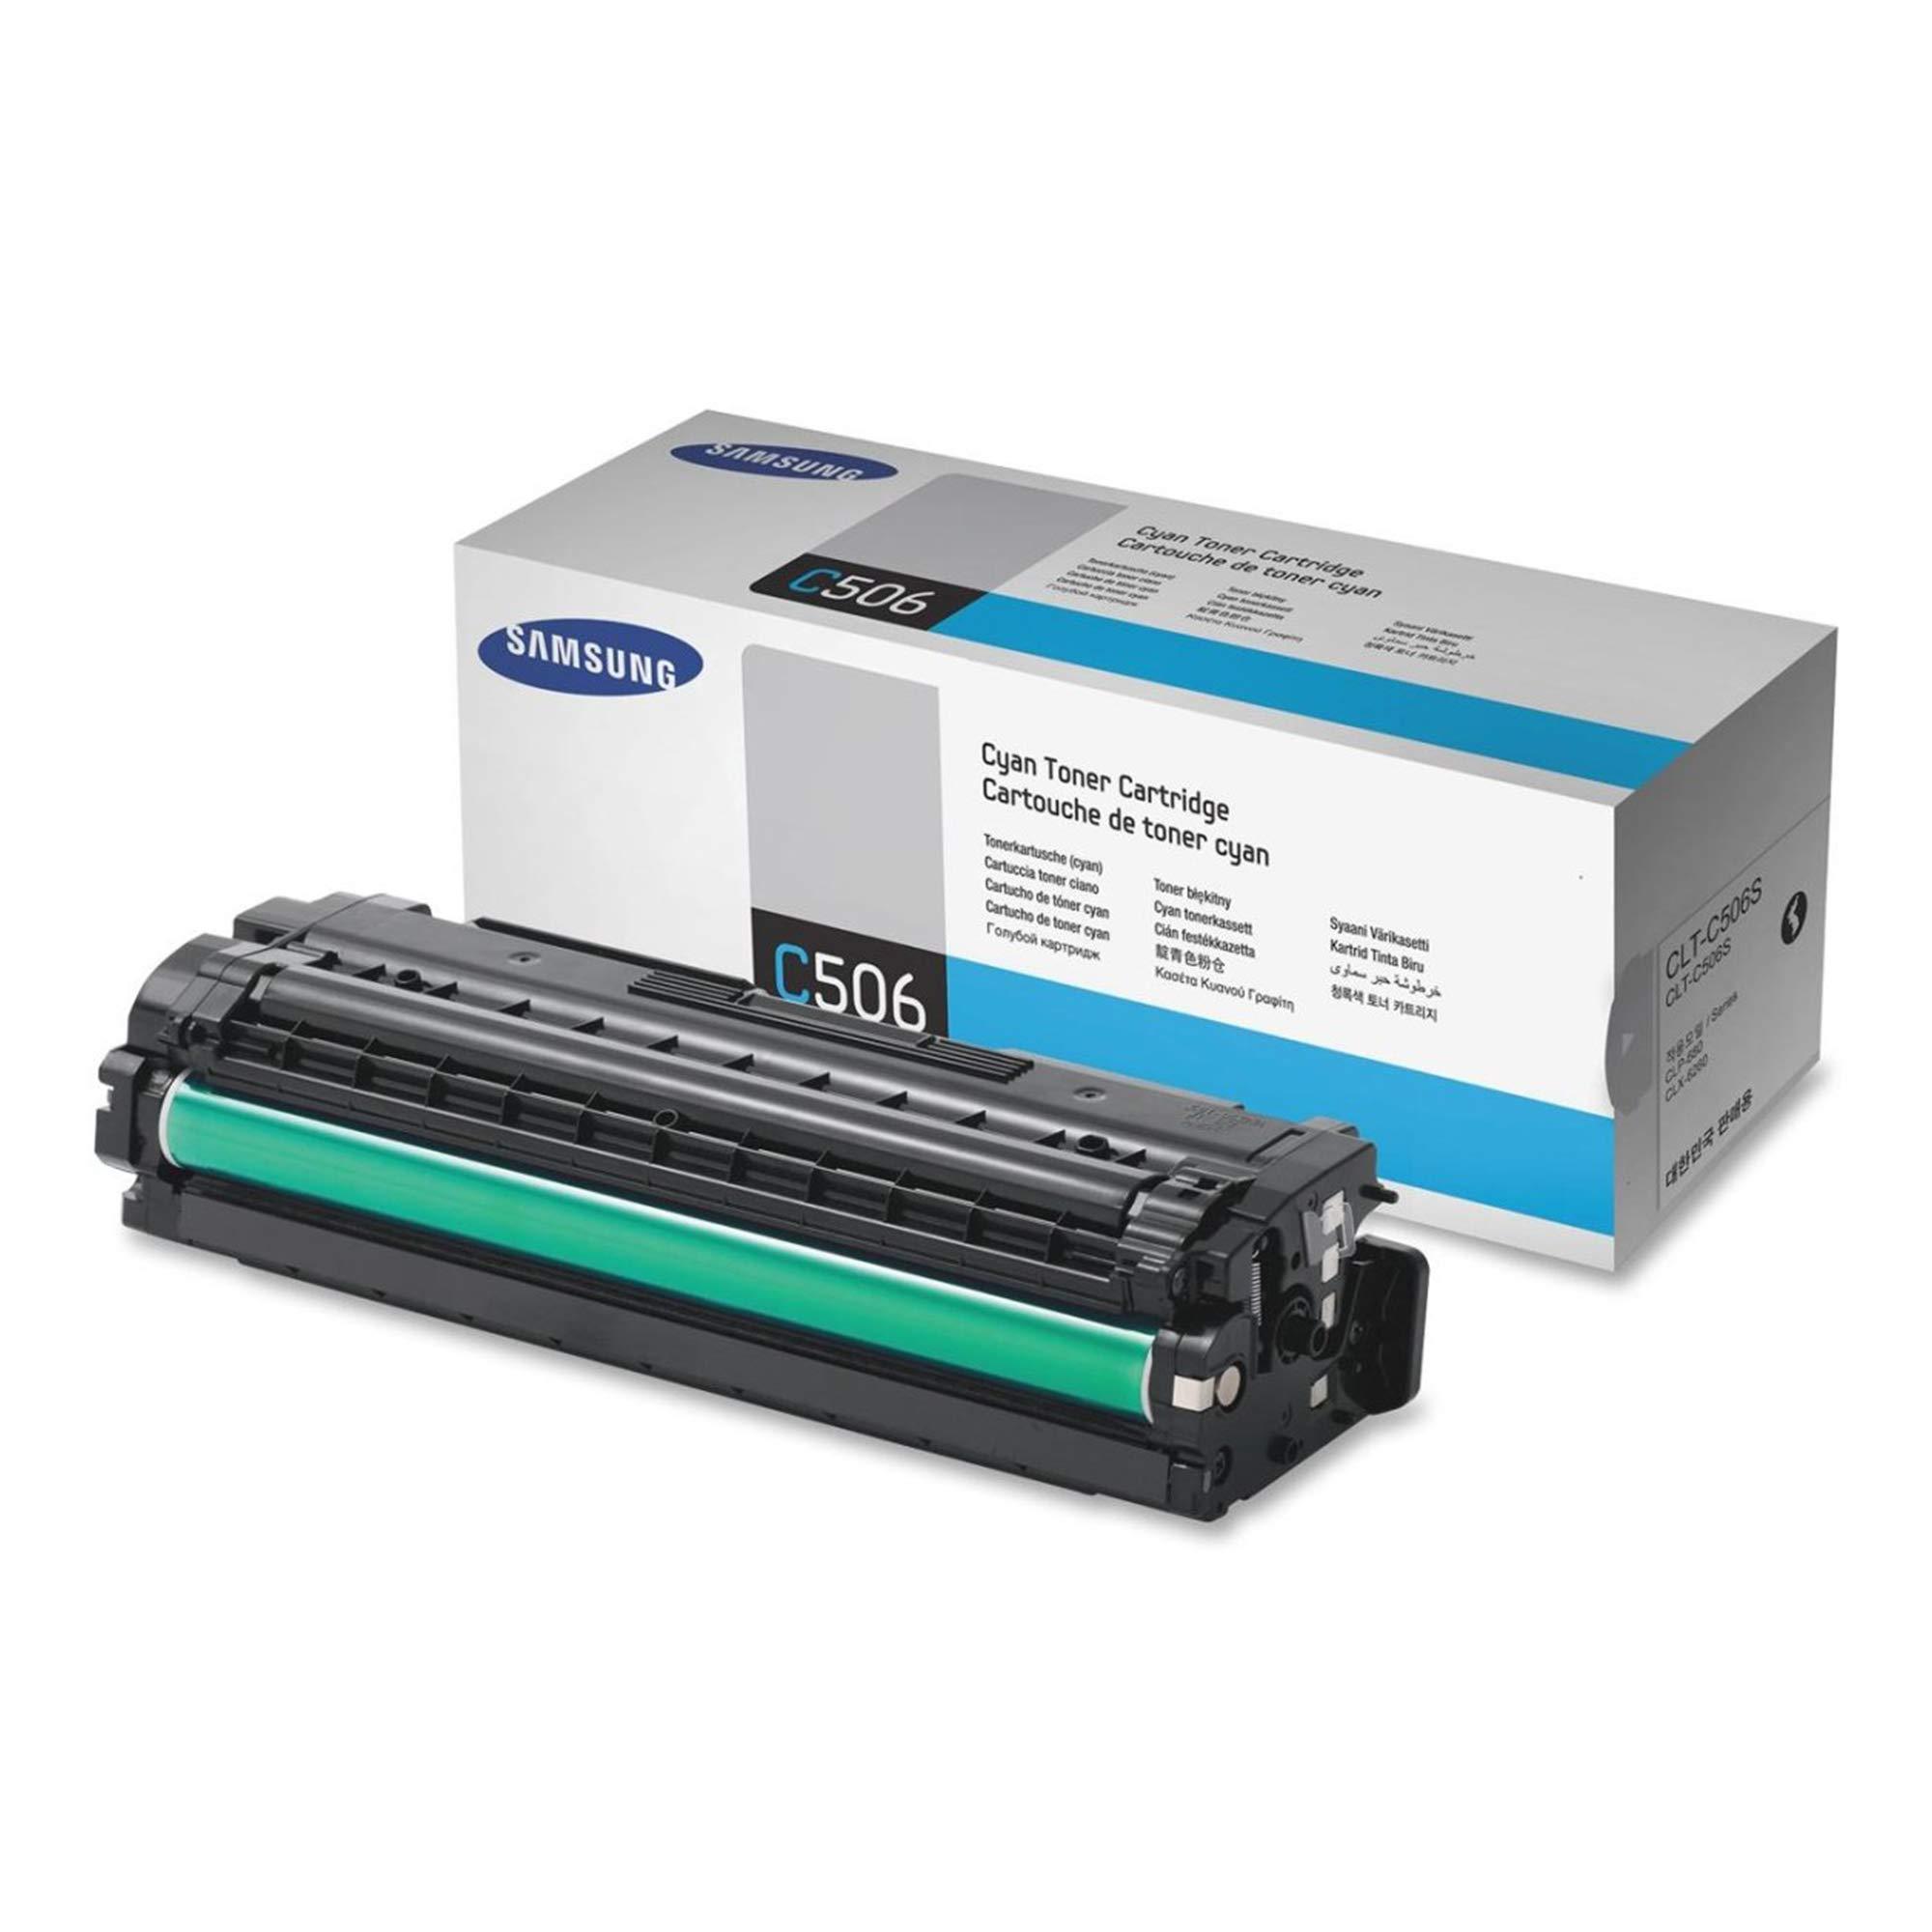 Toner Original SAMSUNG CLT-C506S Cyan para CLP-680ND 6250FD 6260FR